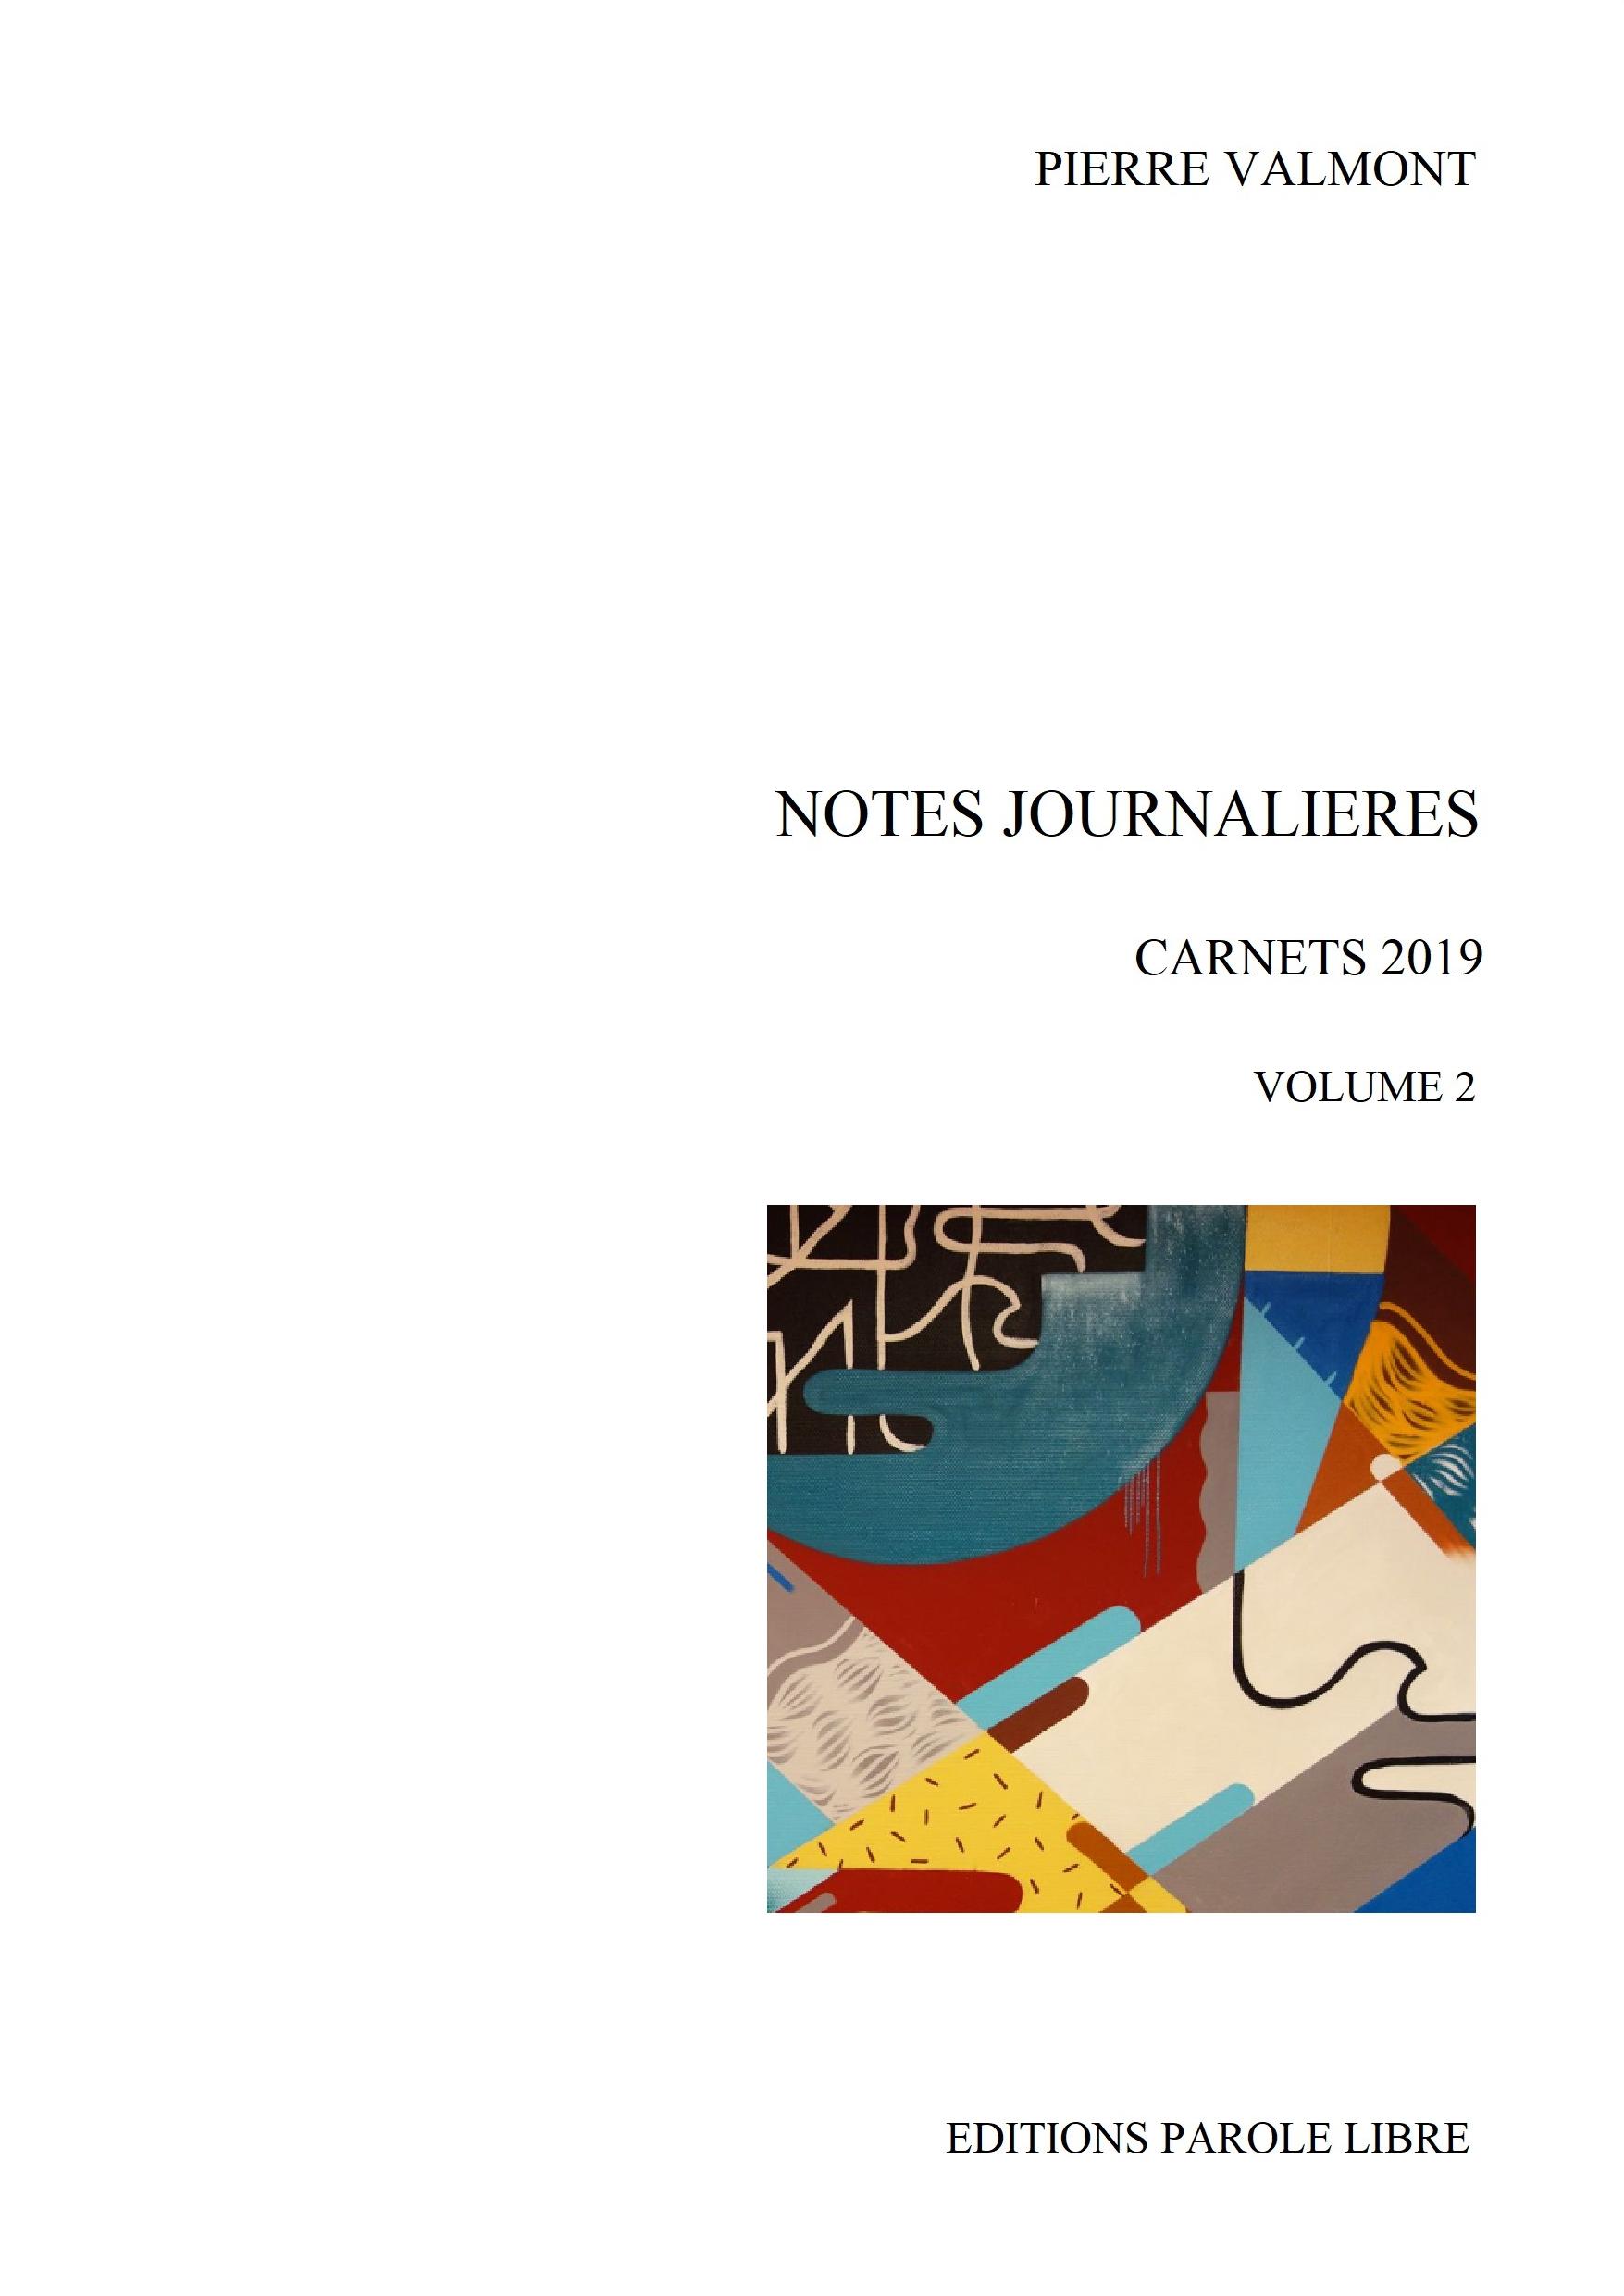 NOTES JOURNALIÈRES Carnets 2019 Vol 2